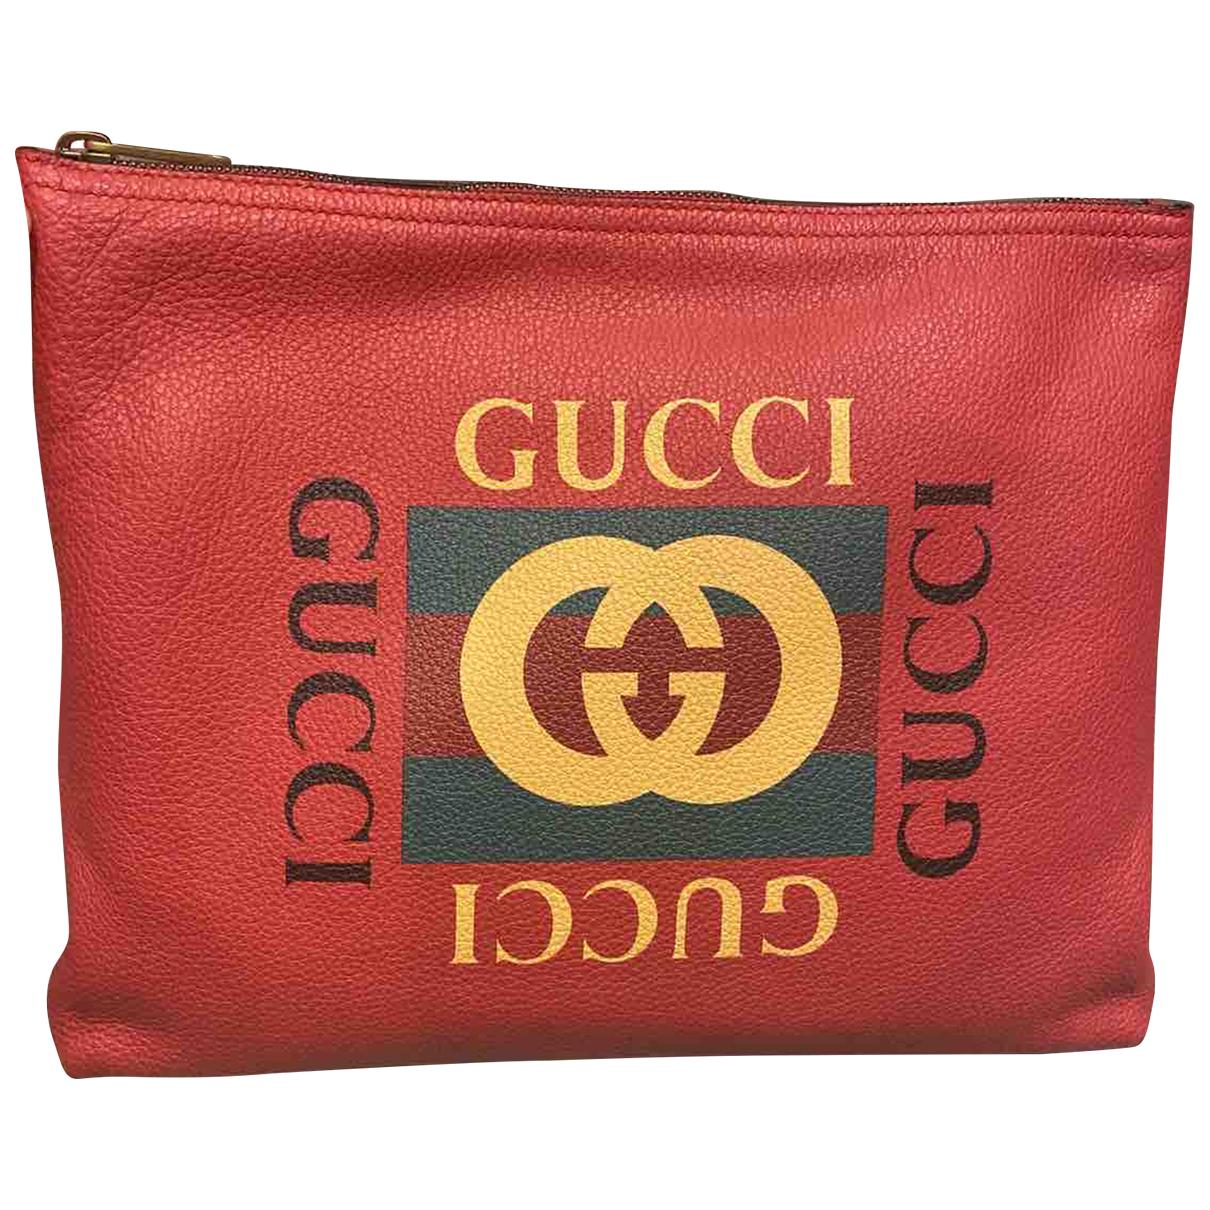 Gucci - Sac   pour homme en cuir - bordeaux